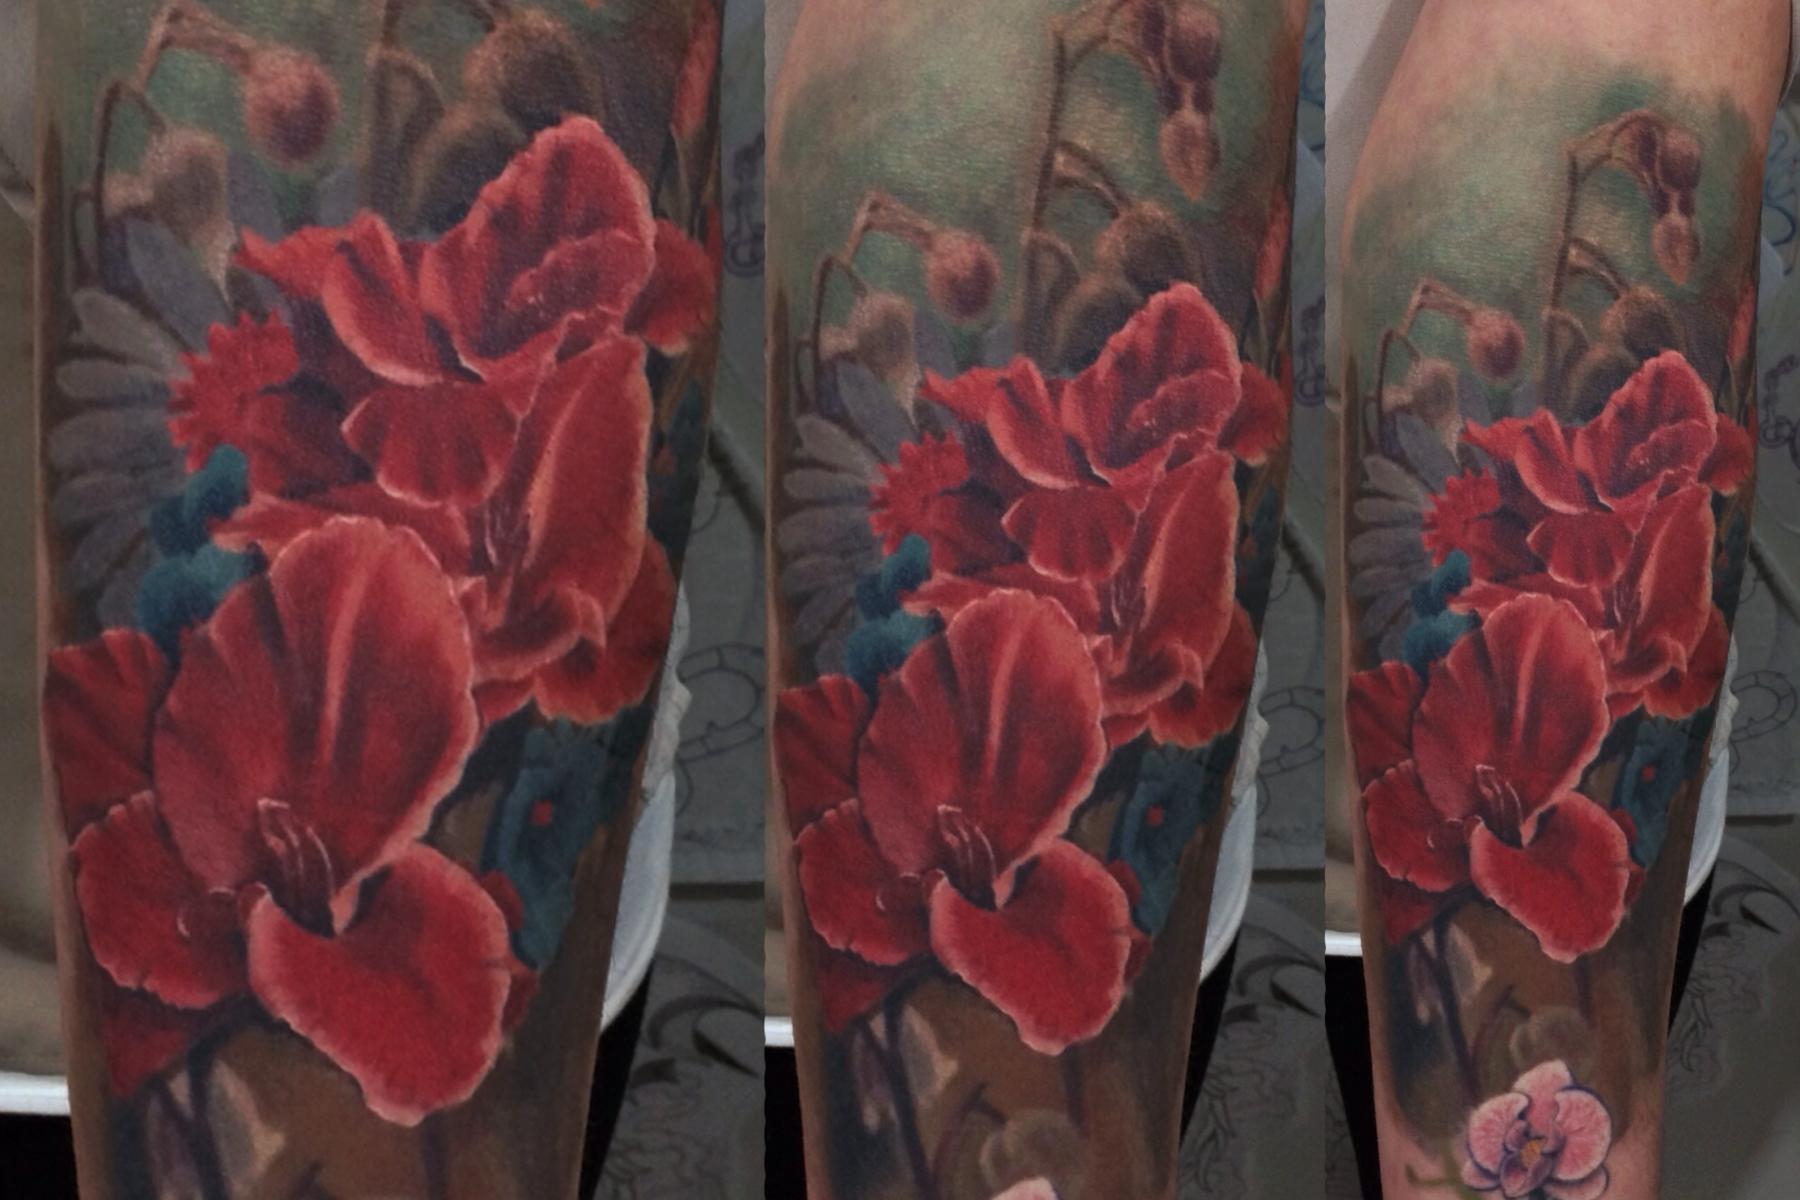 birth of venus tattoo